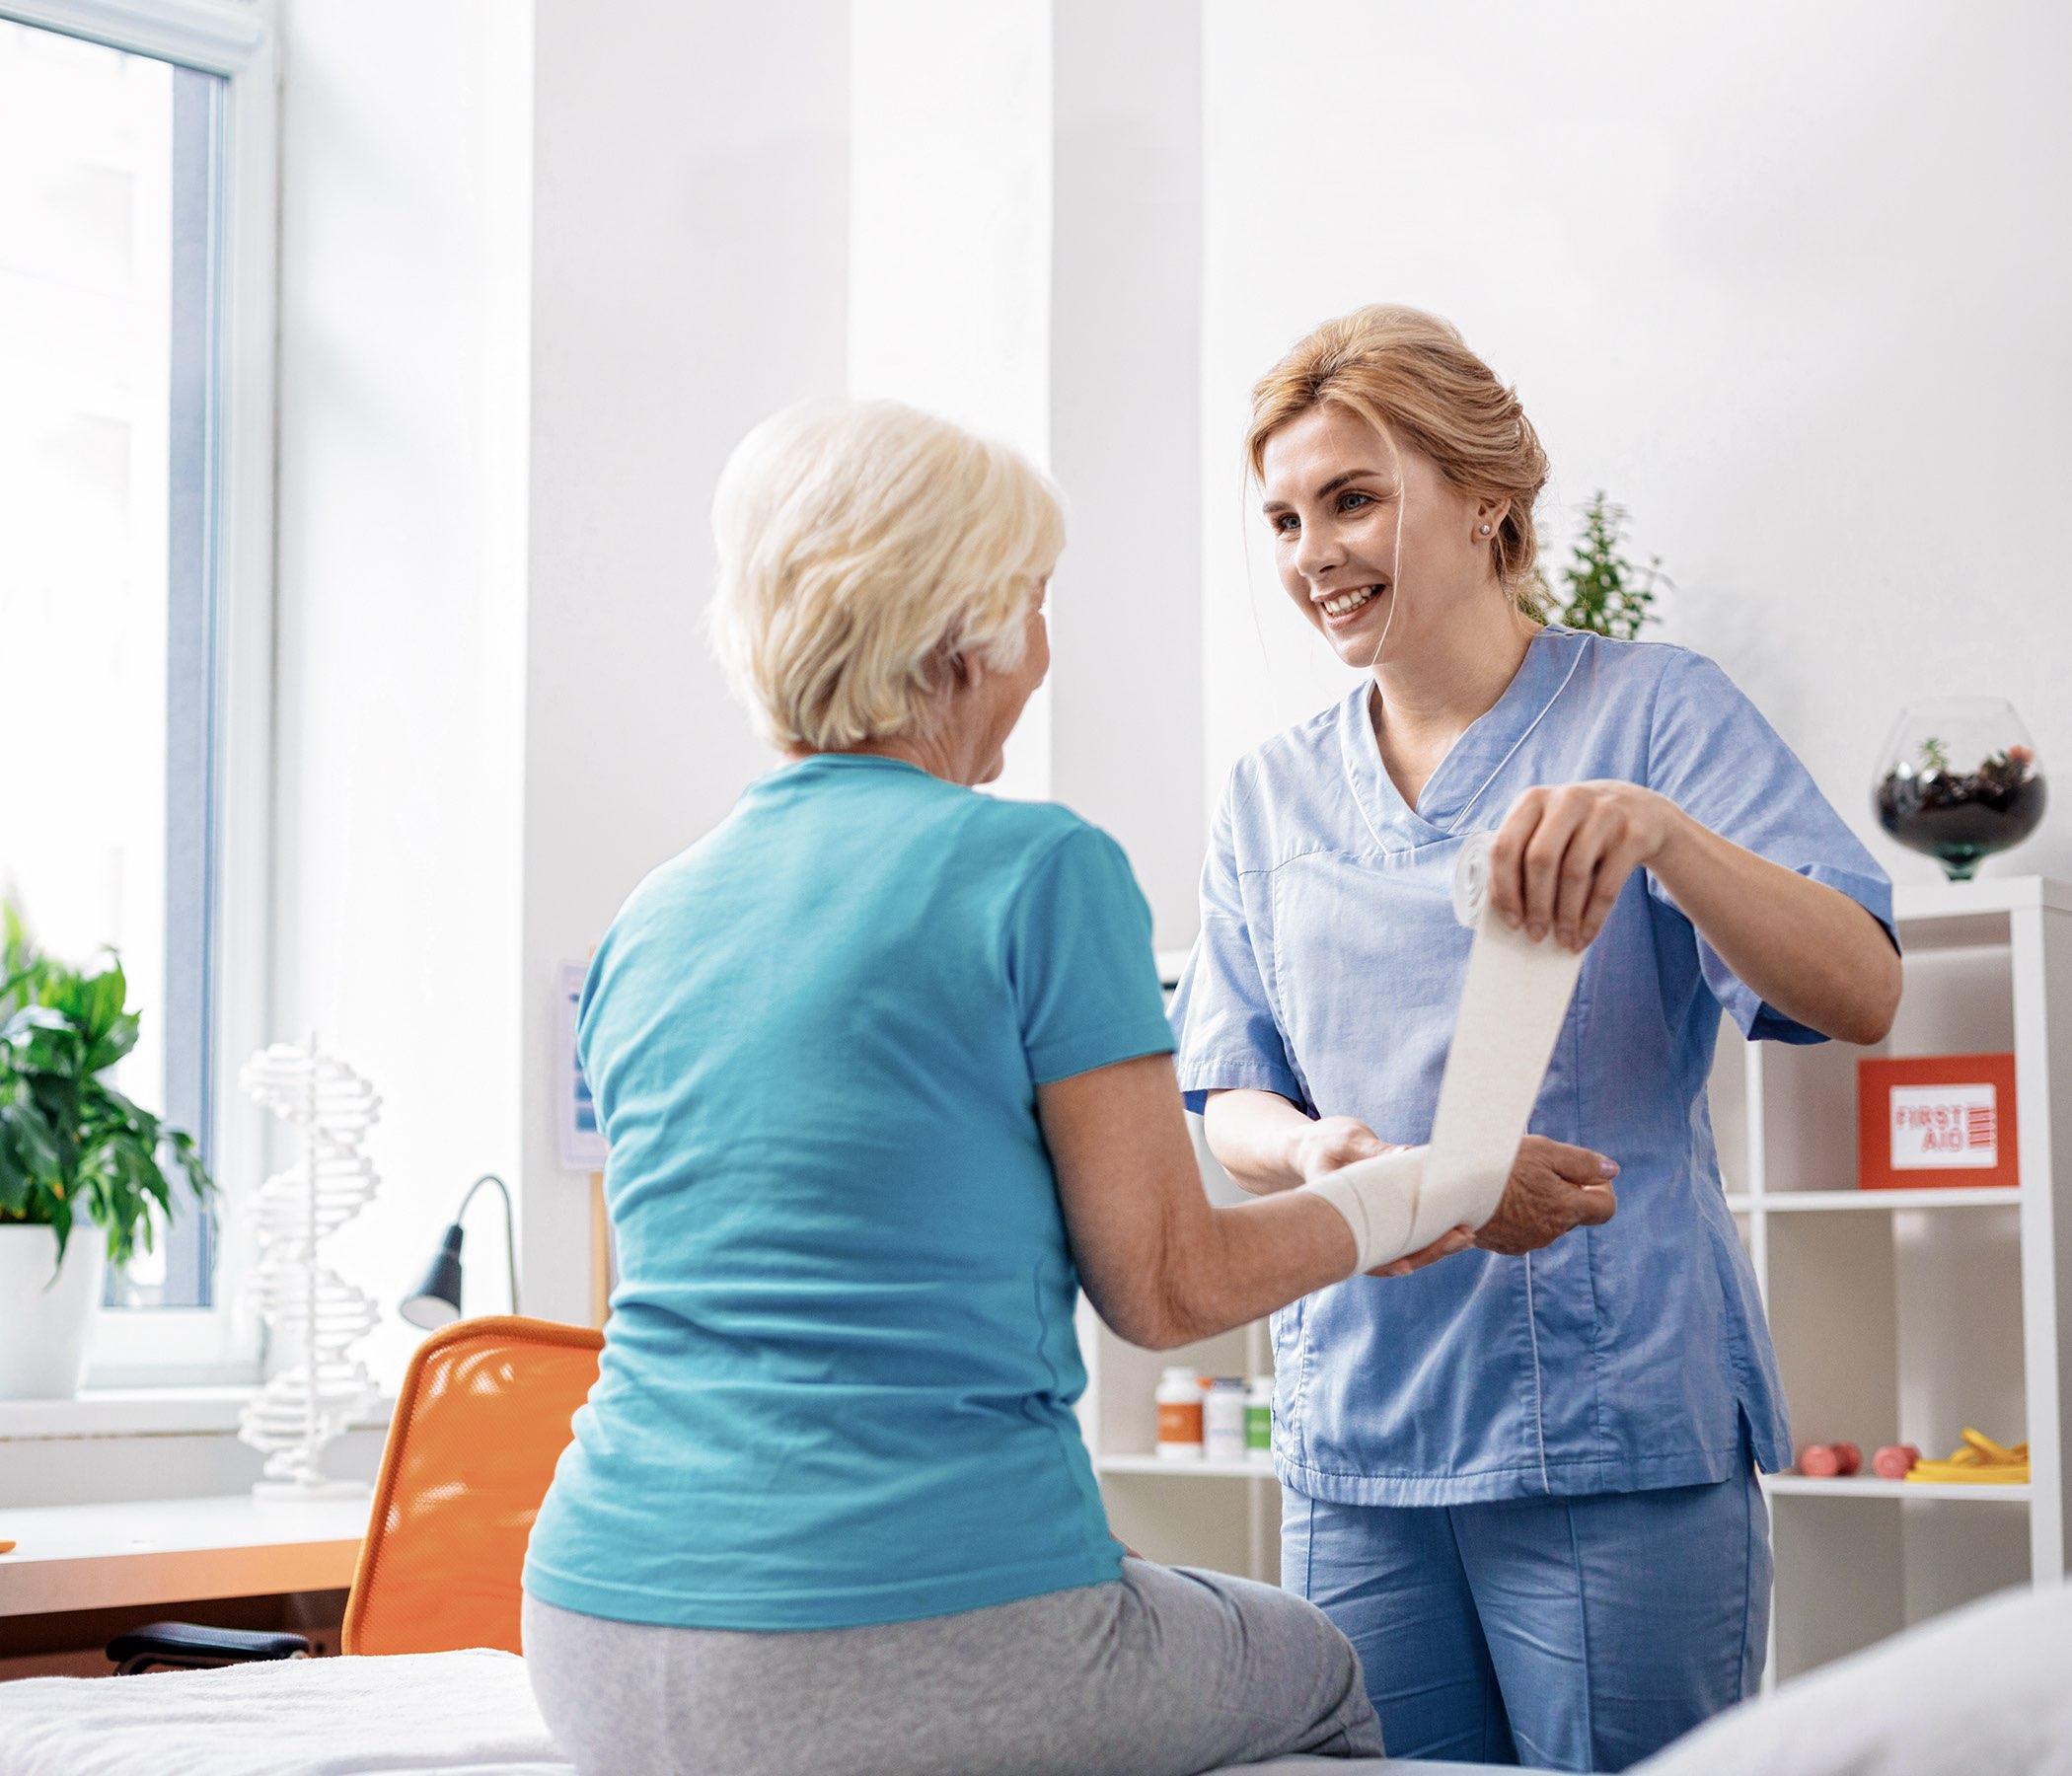 Enfermera femenina amistosa de Niza que sonríe a su paciente mientras que hace su trabajo en el hospital